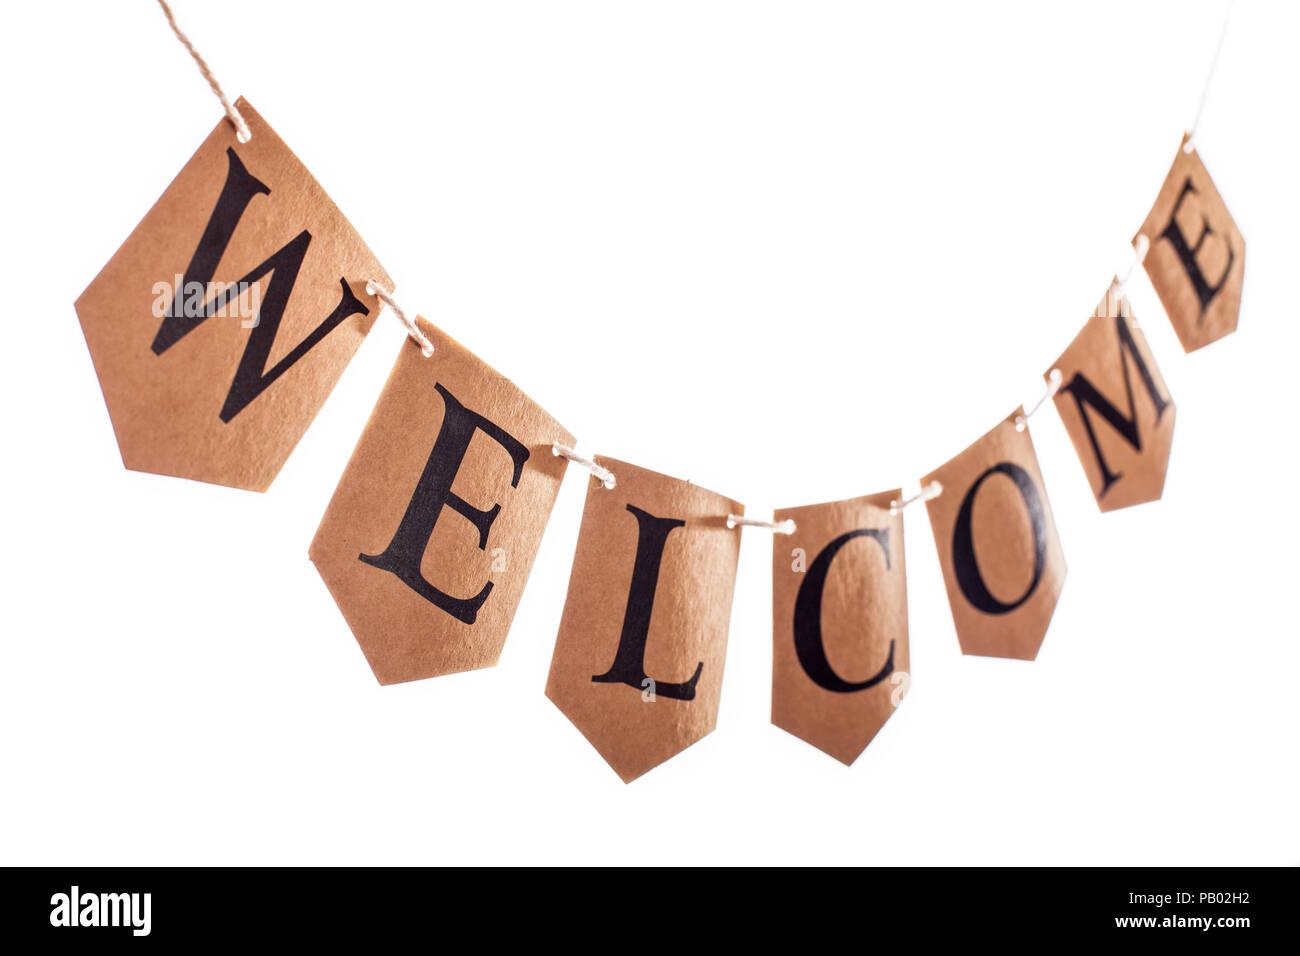 Bannière de bienvenue. Texte Bienvenue sur pendaison bunting dans focus sélectif contre fond blanc. Le mot orthographié Bienvenue sur carte marron lettres. Page d'accueil Photo Stock